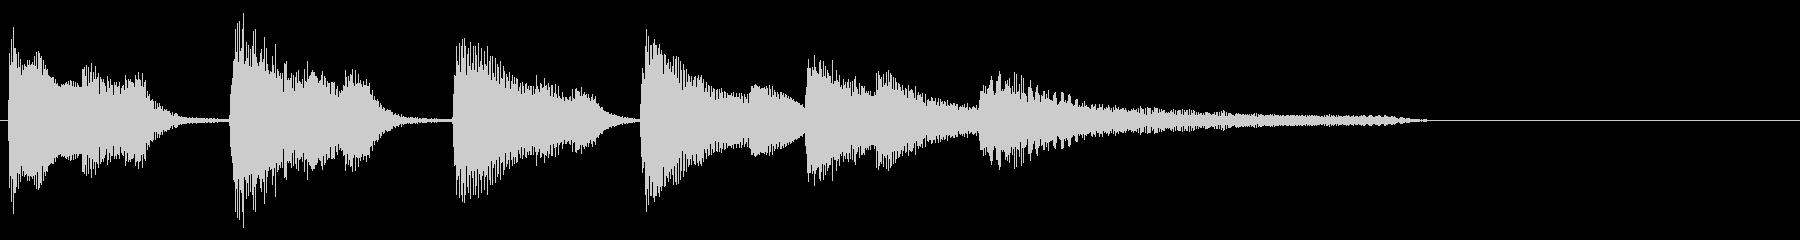 【ジングル】ポップで落ち着いたピアノソロの未再生の波形